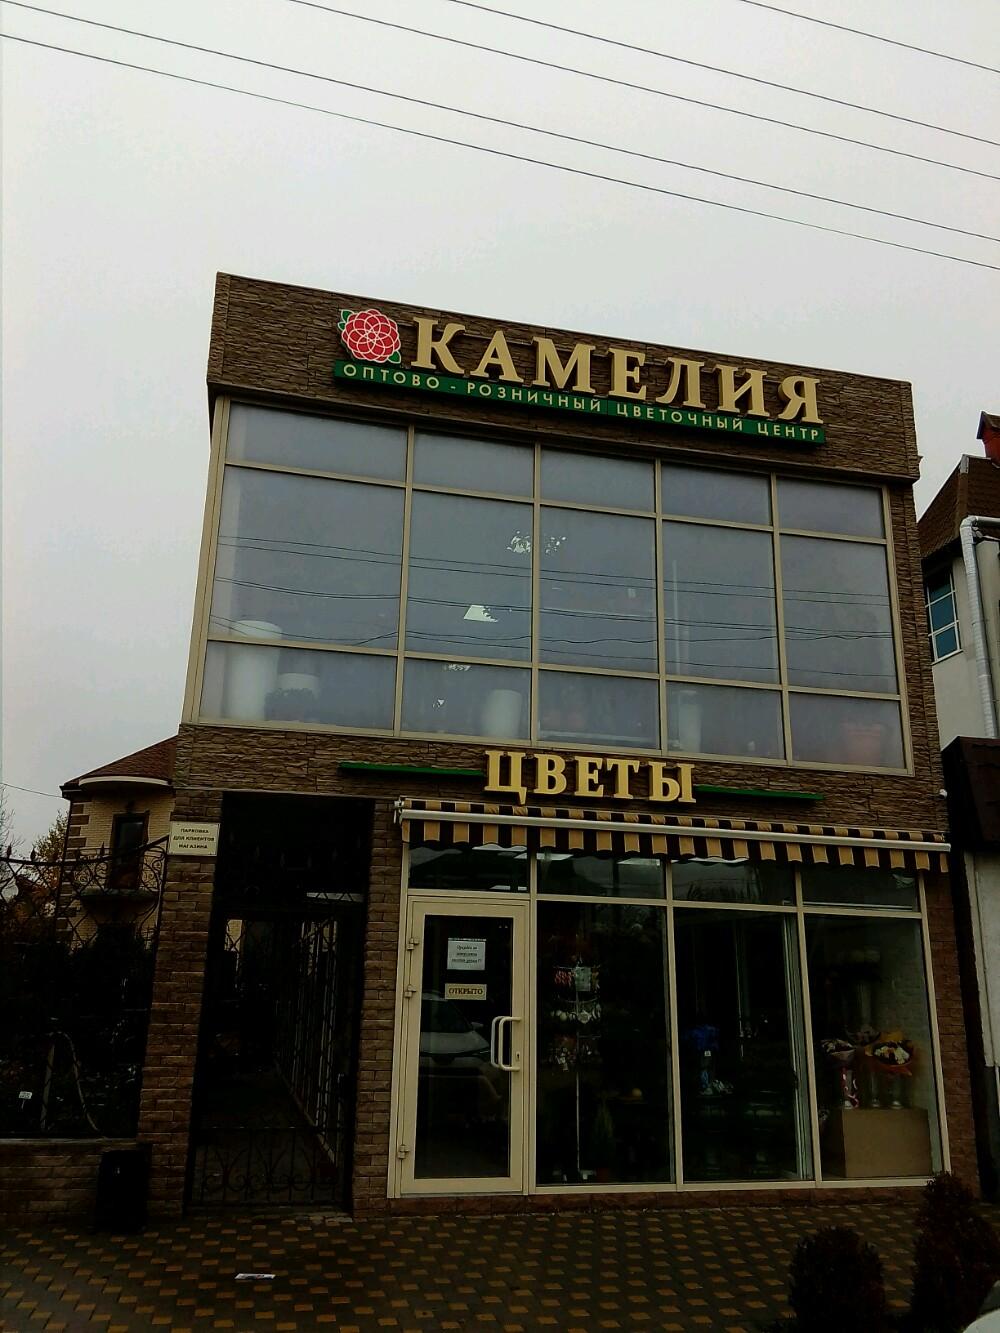 Камелия оптовый магазин цветов